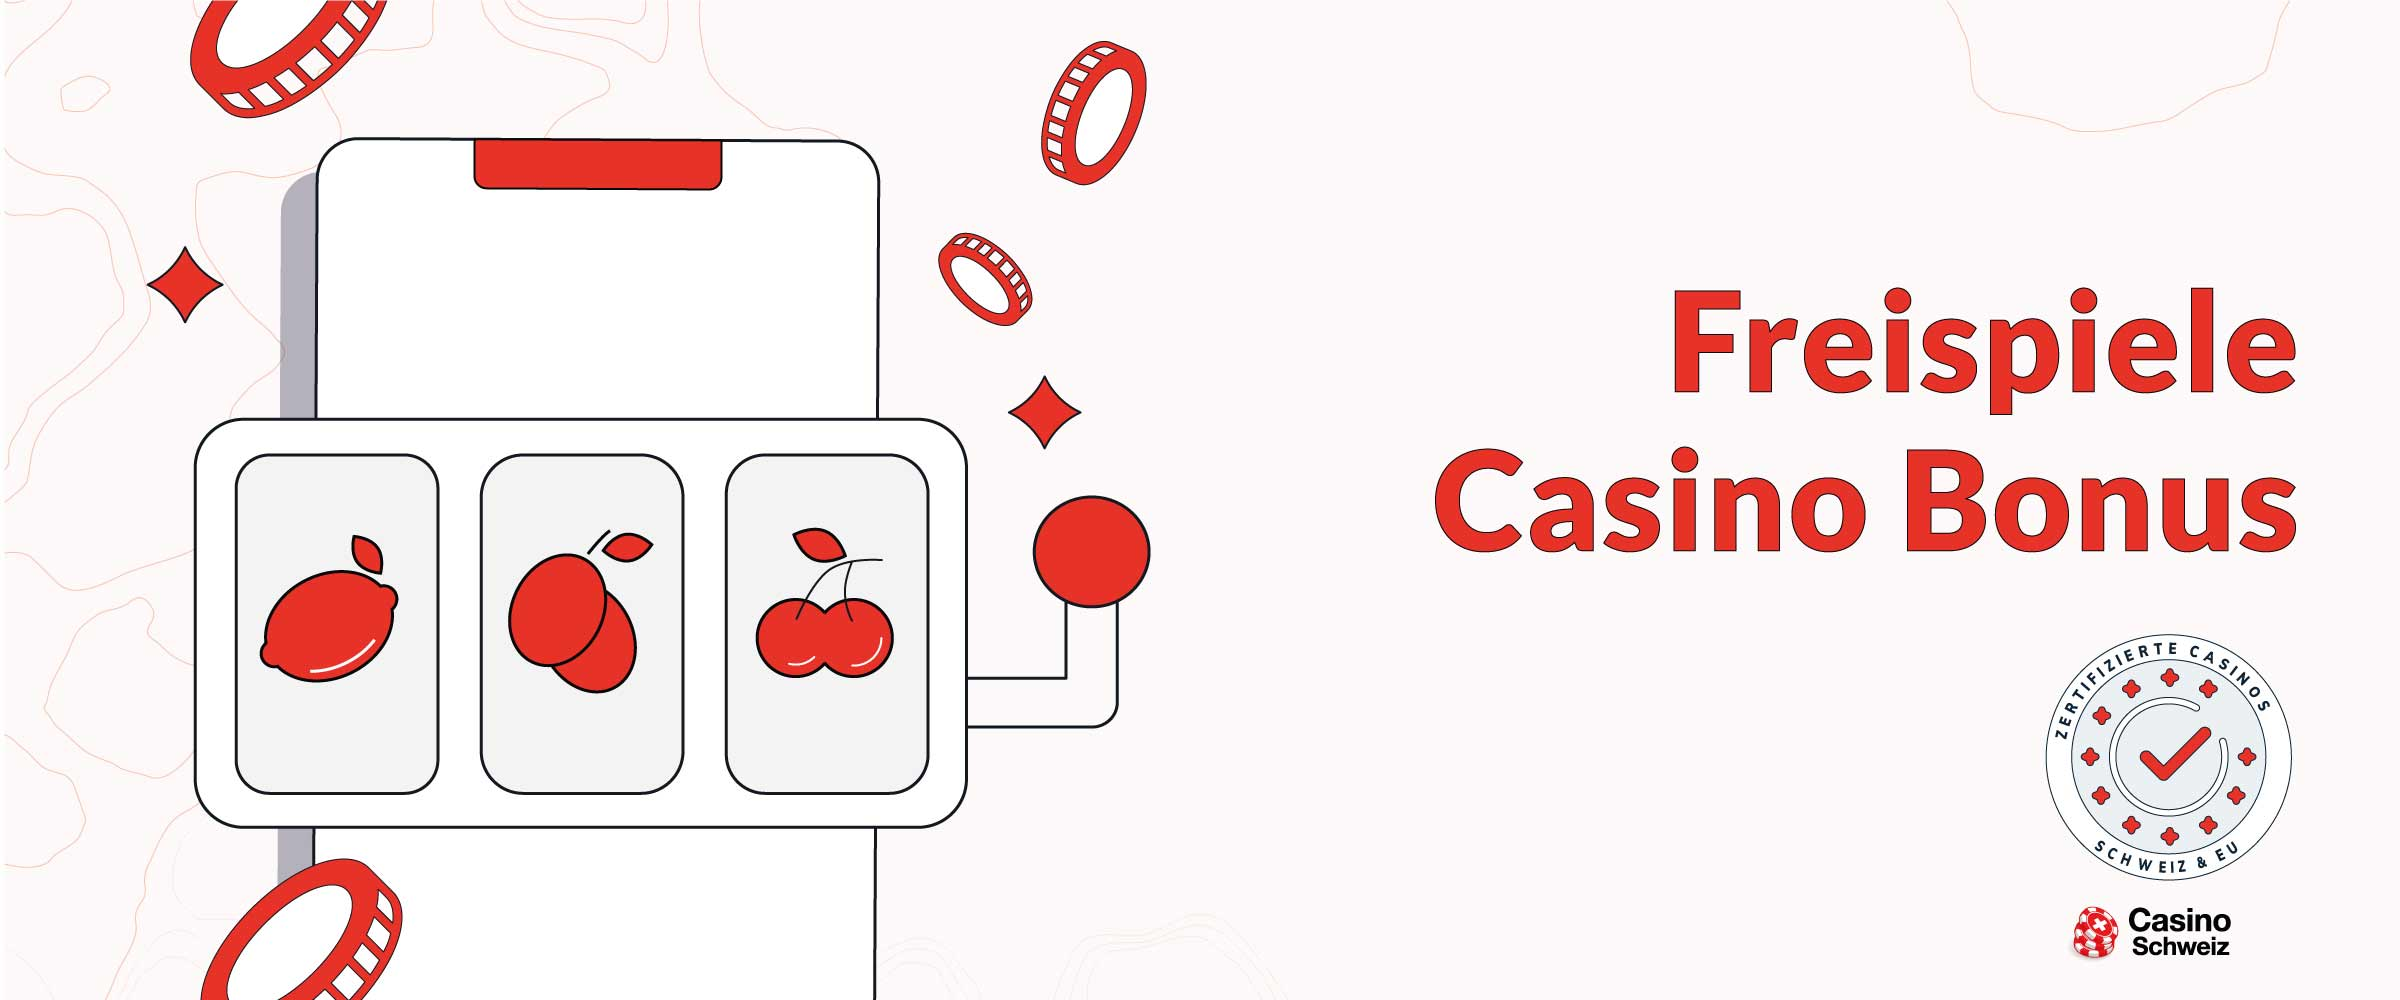 Freispiele Casino Bonus